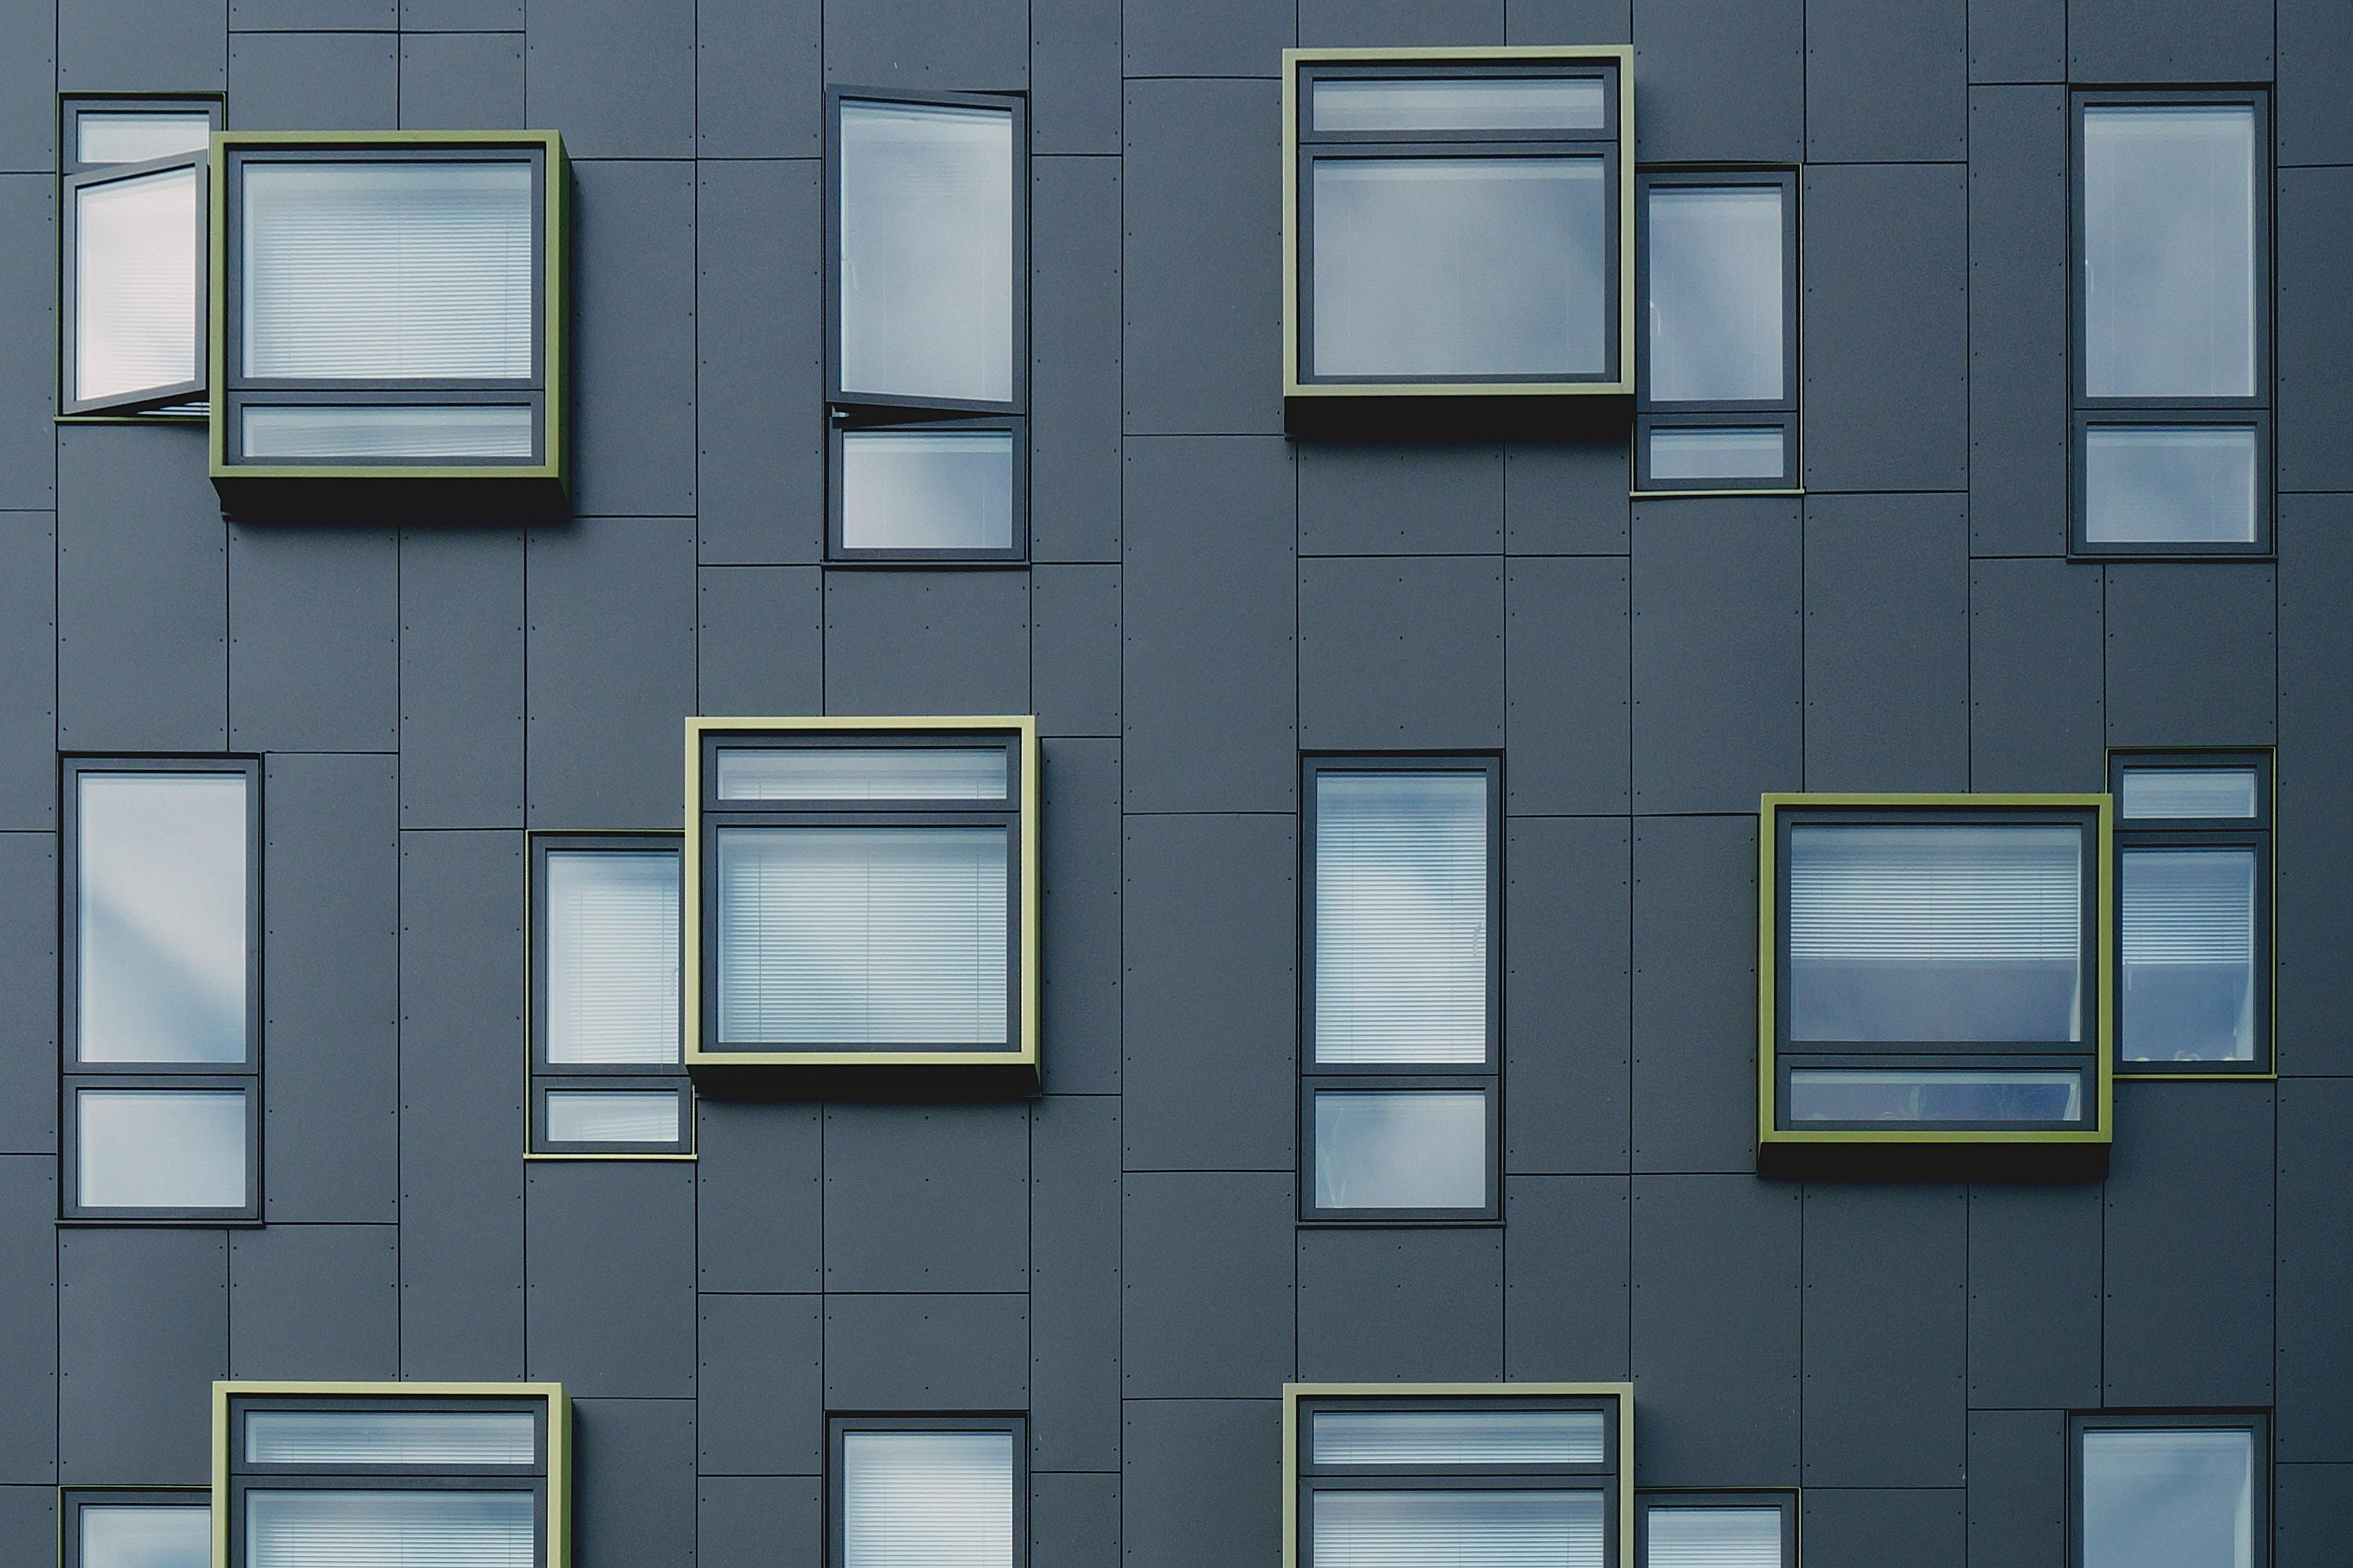 rehabilitacion-edificios-barcelona-01